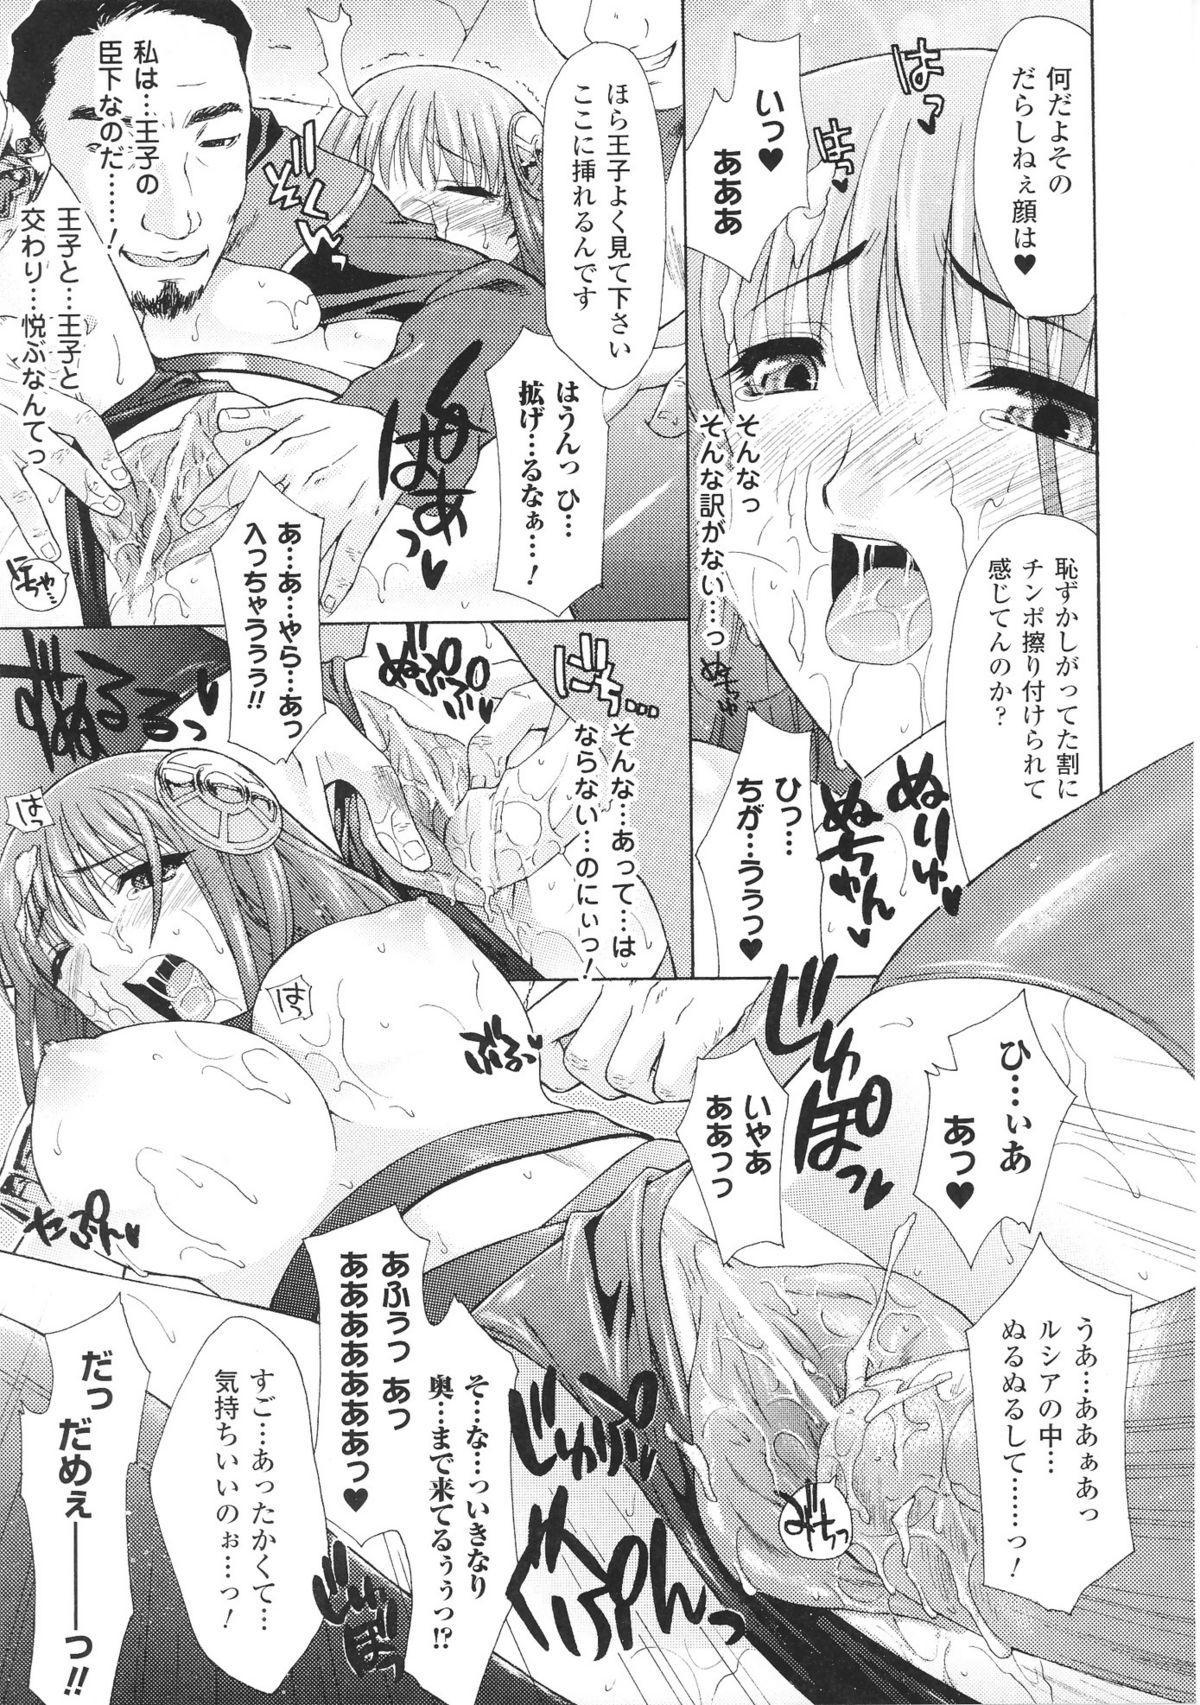 Toushin Engi Vol. 5 108